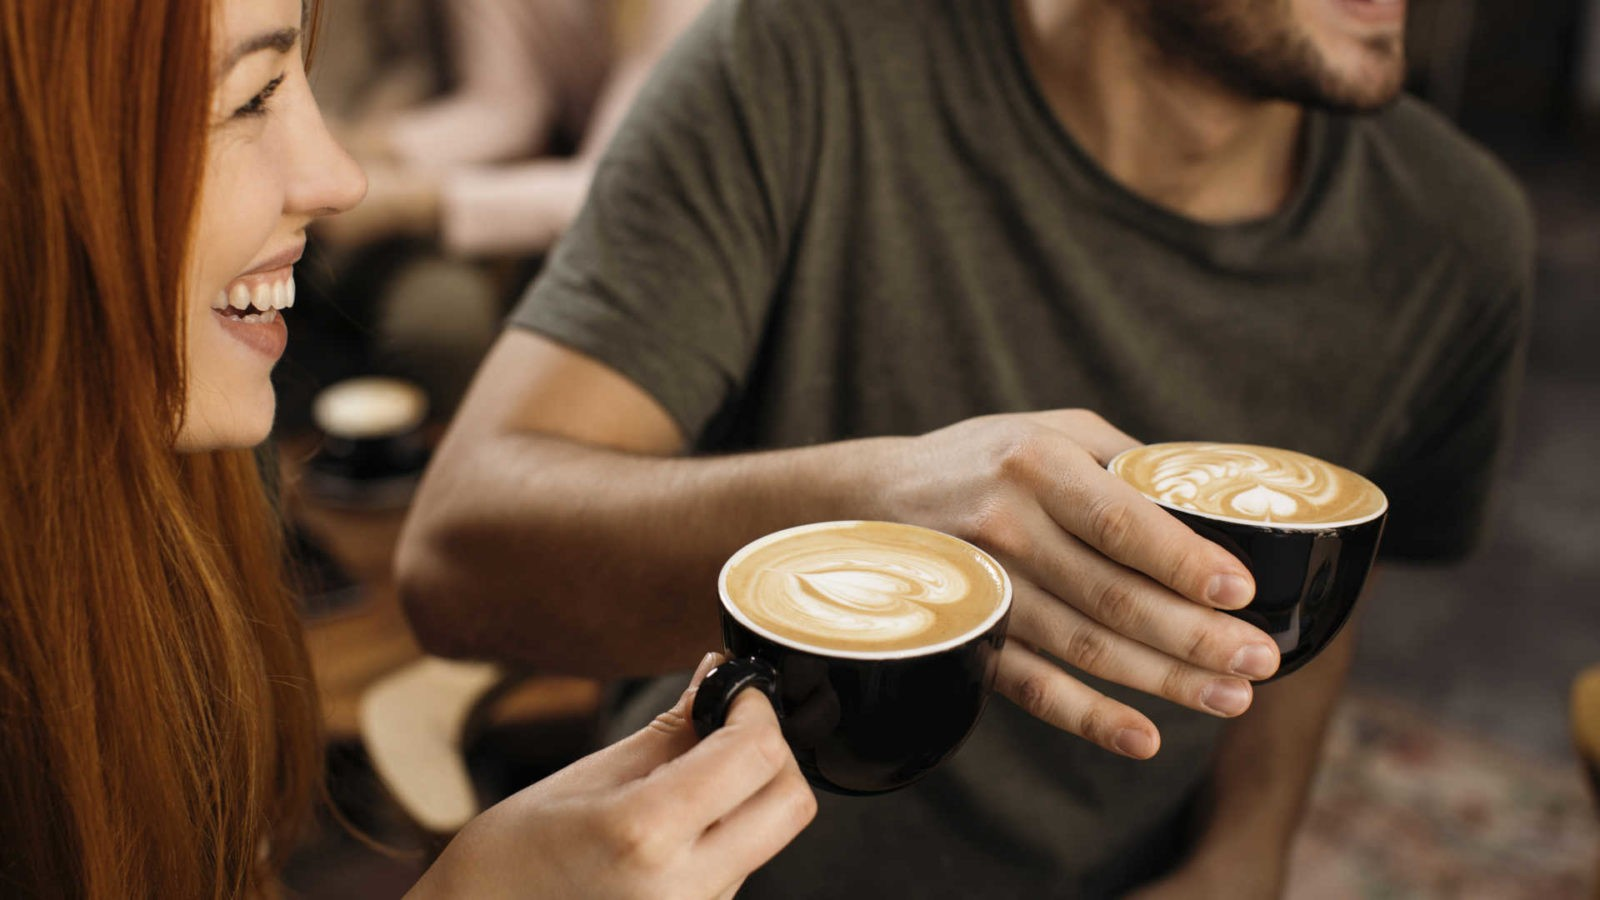 здесь, крупнейшем картинки где вместе пьют кофе монет царской